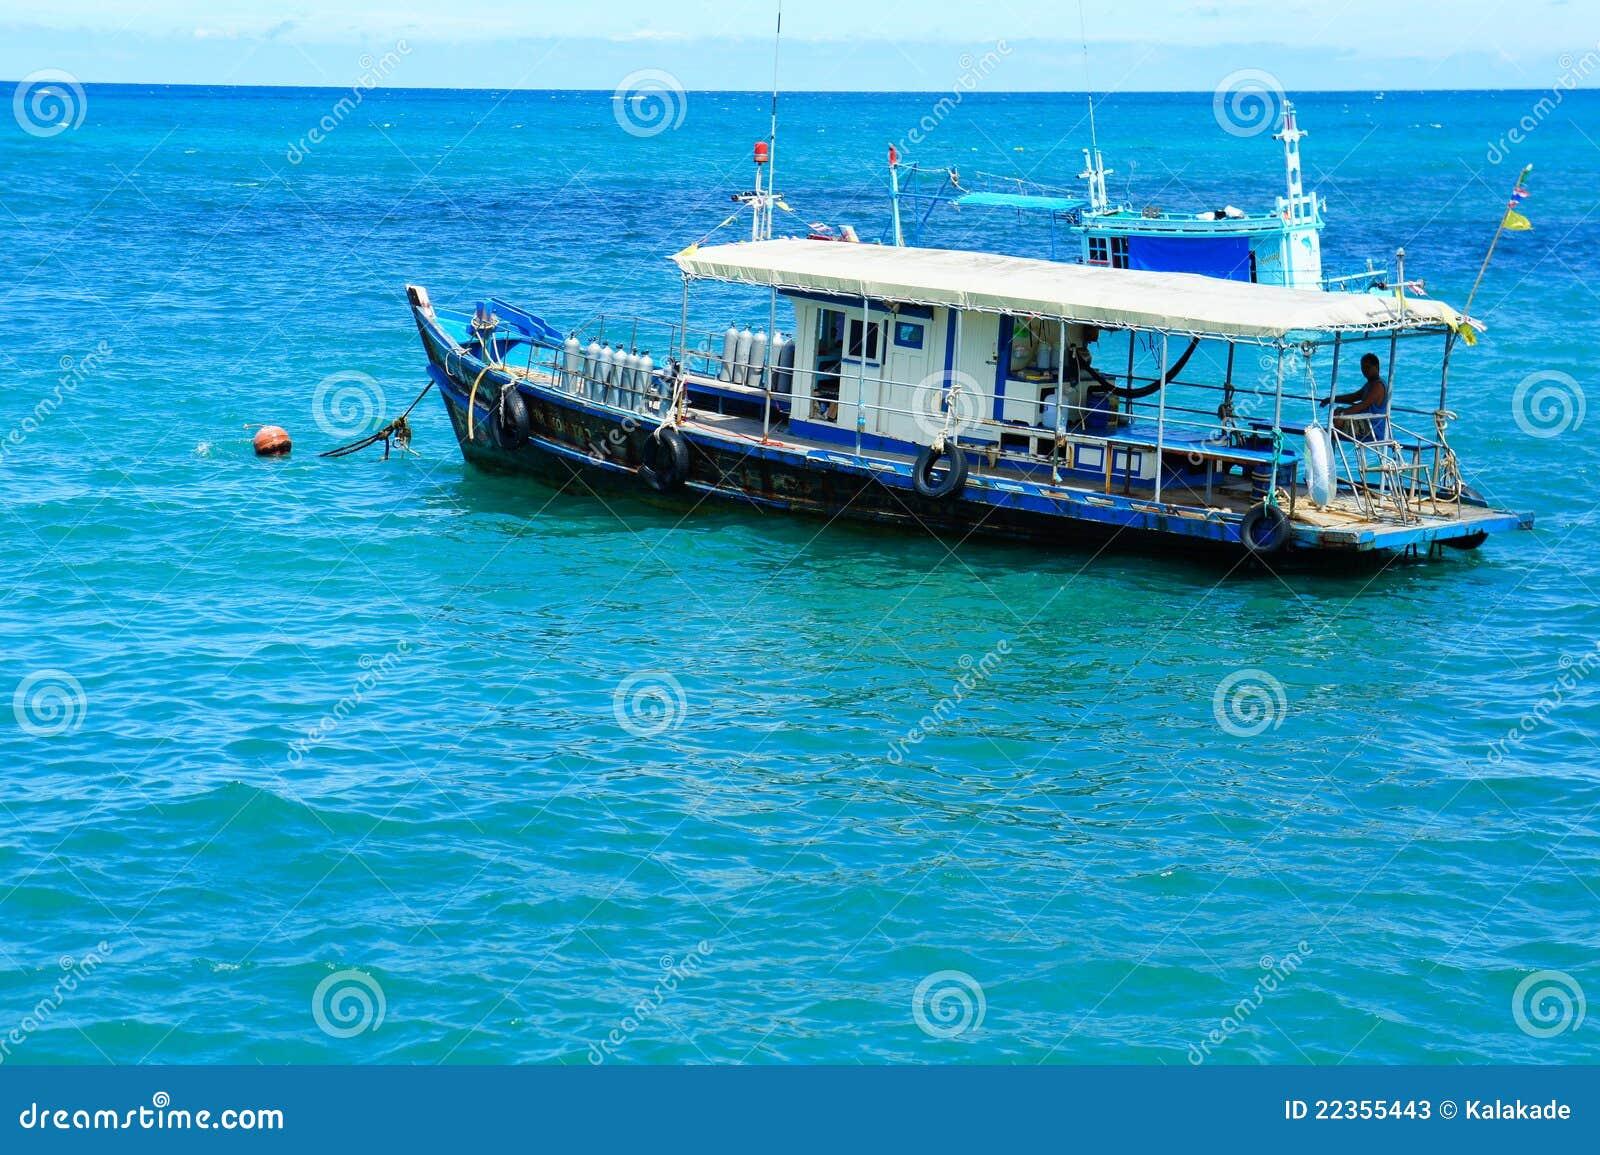 锚点轻装潜水员小船海运等待